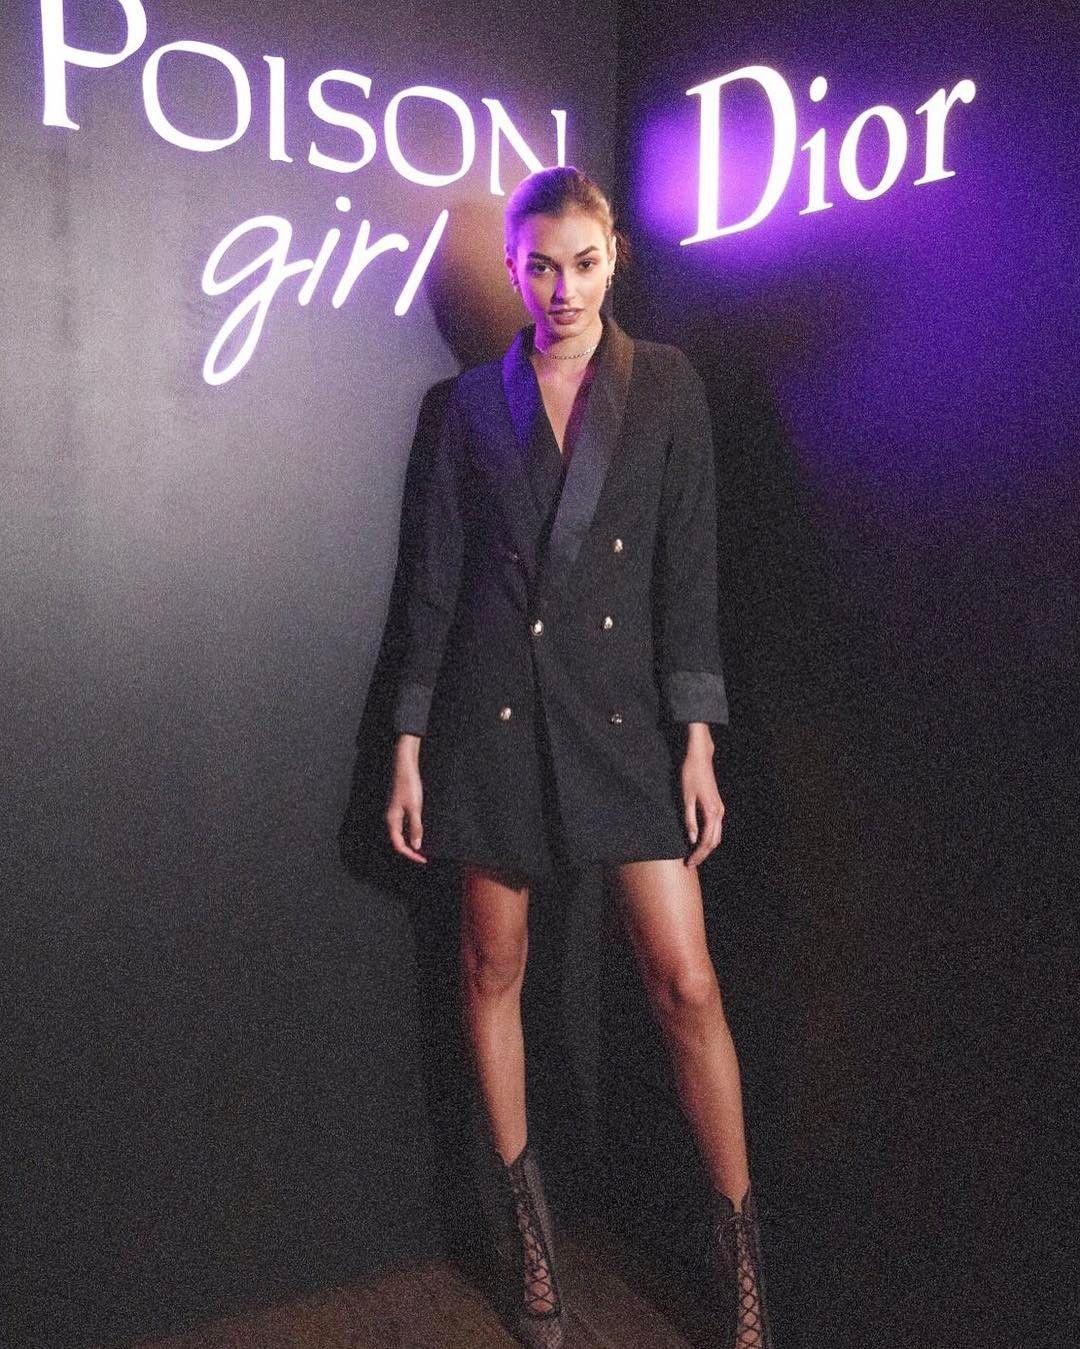 d38c703f4aa9 16. Blazer Dress | Blazer Roundup (IG) | Fashion, Celebrity style ...